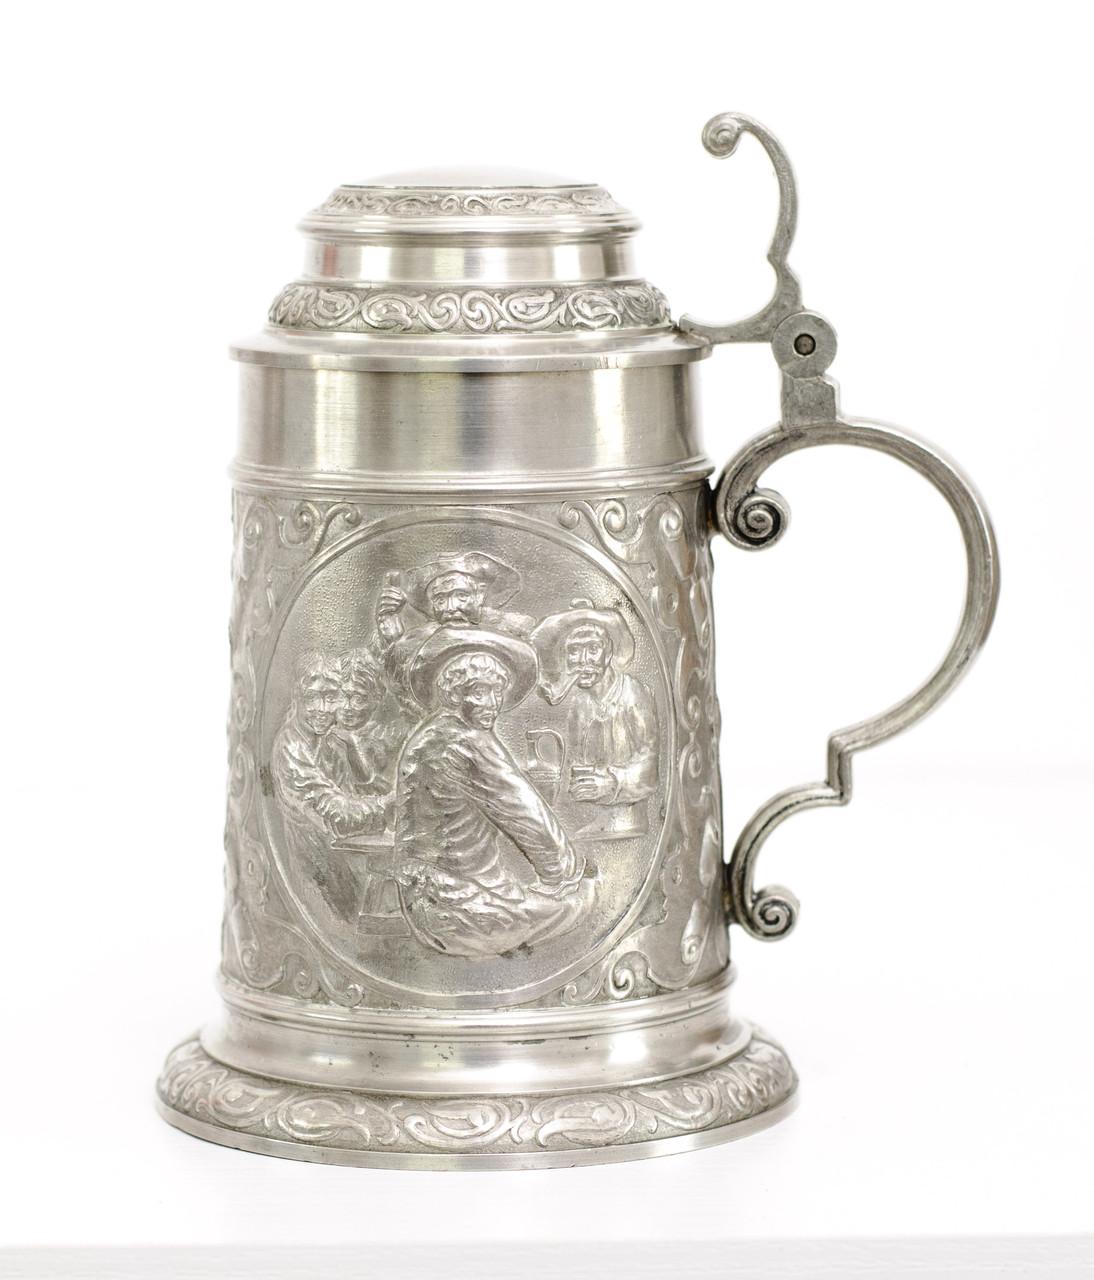 Пивной оловянный бокал, пищевое олово, Германия, Трактирный сюжет, 800 мл